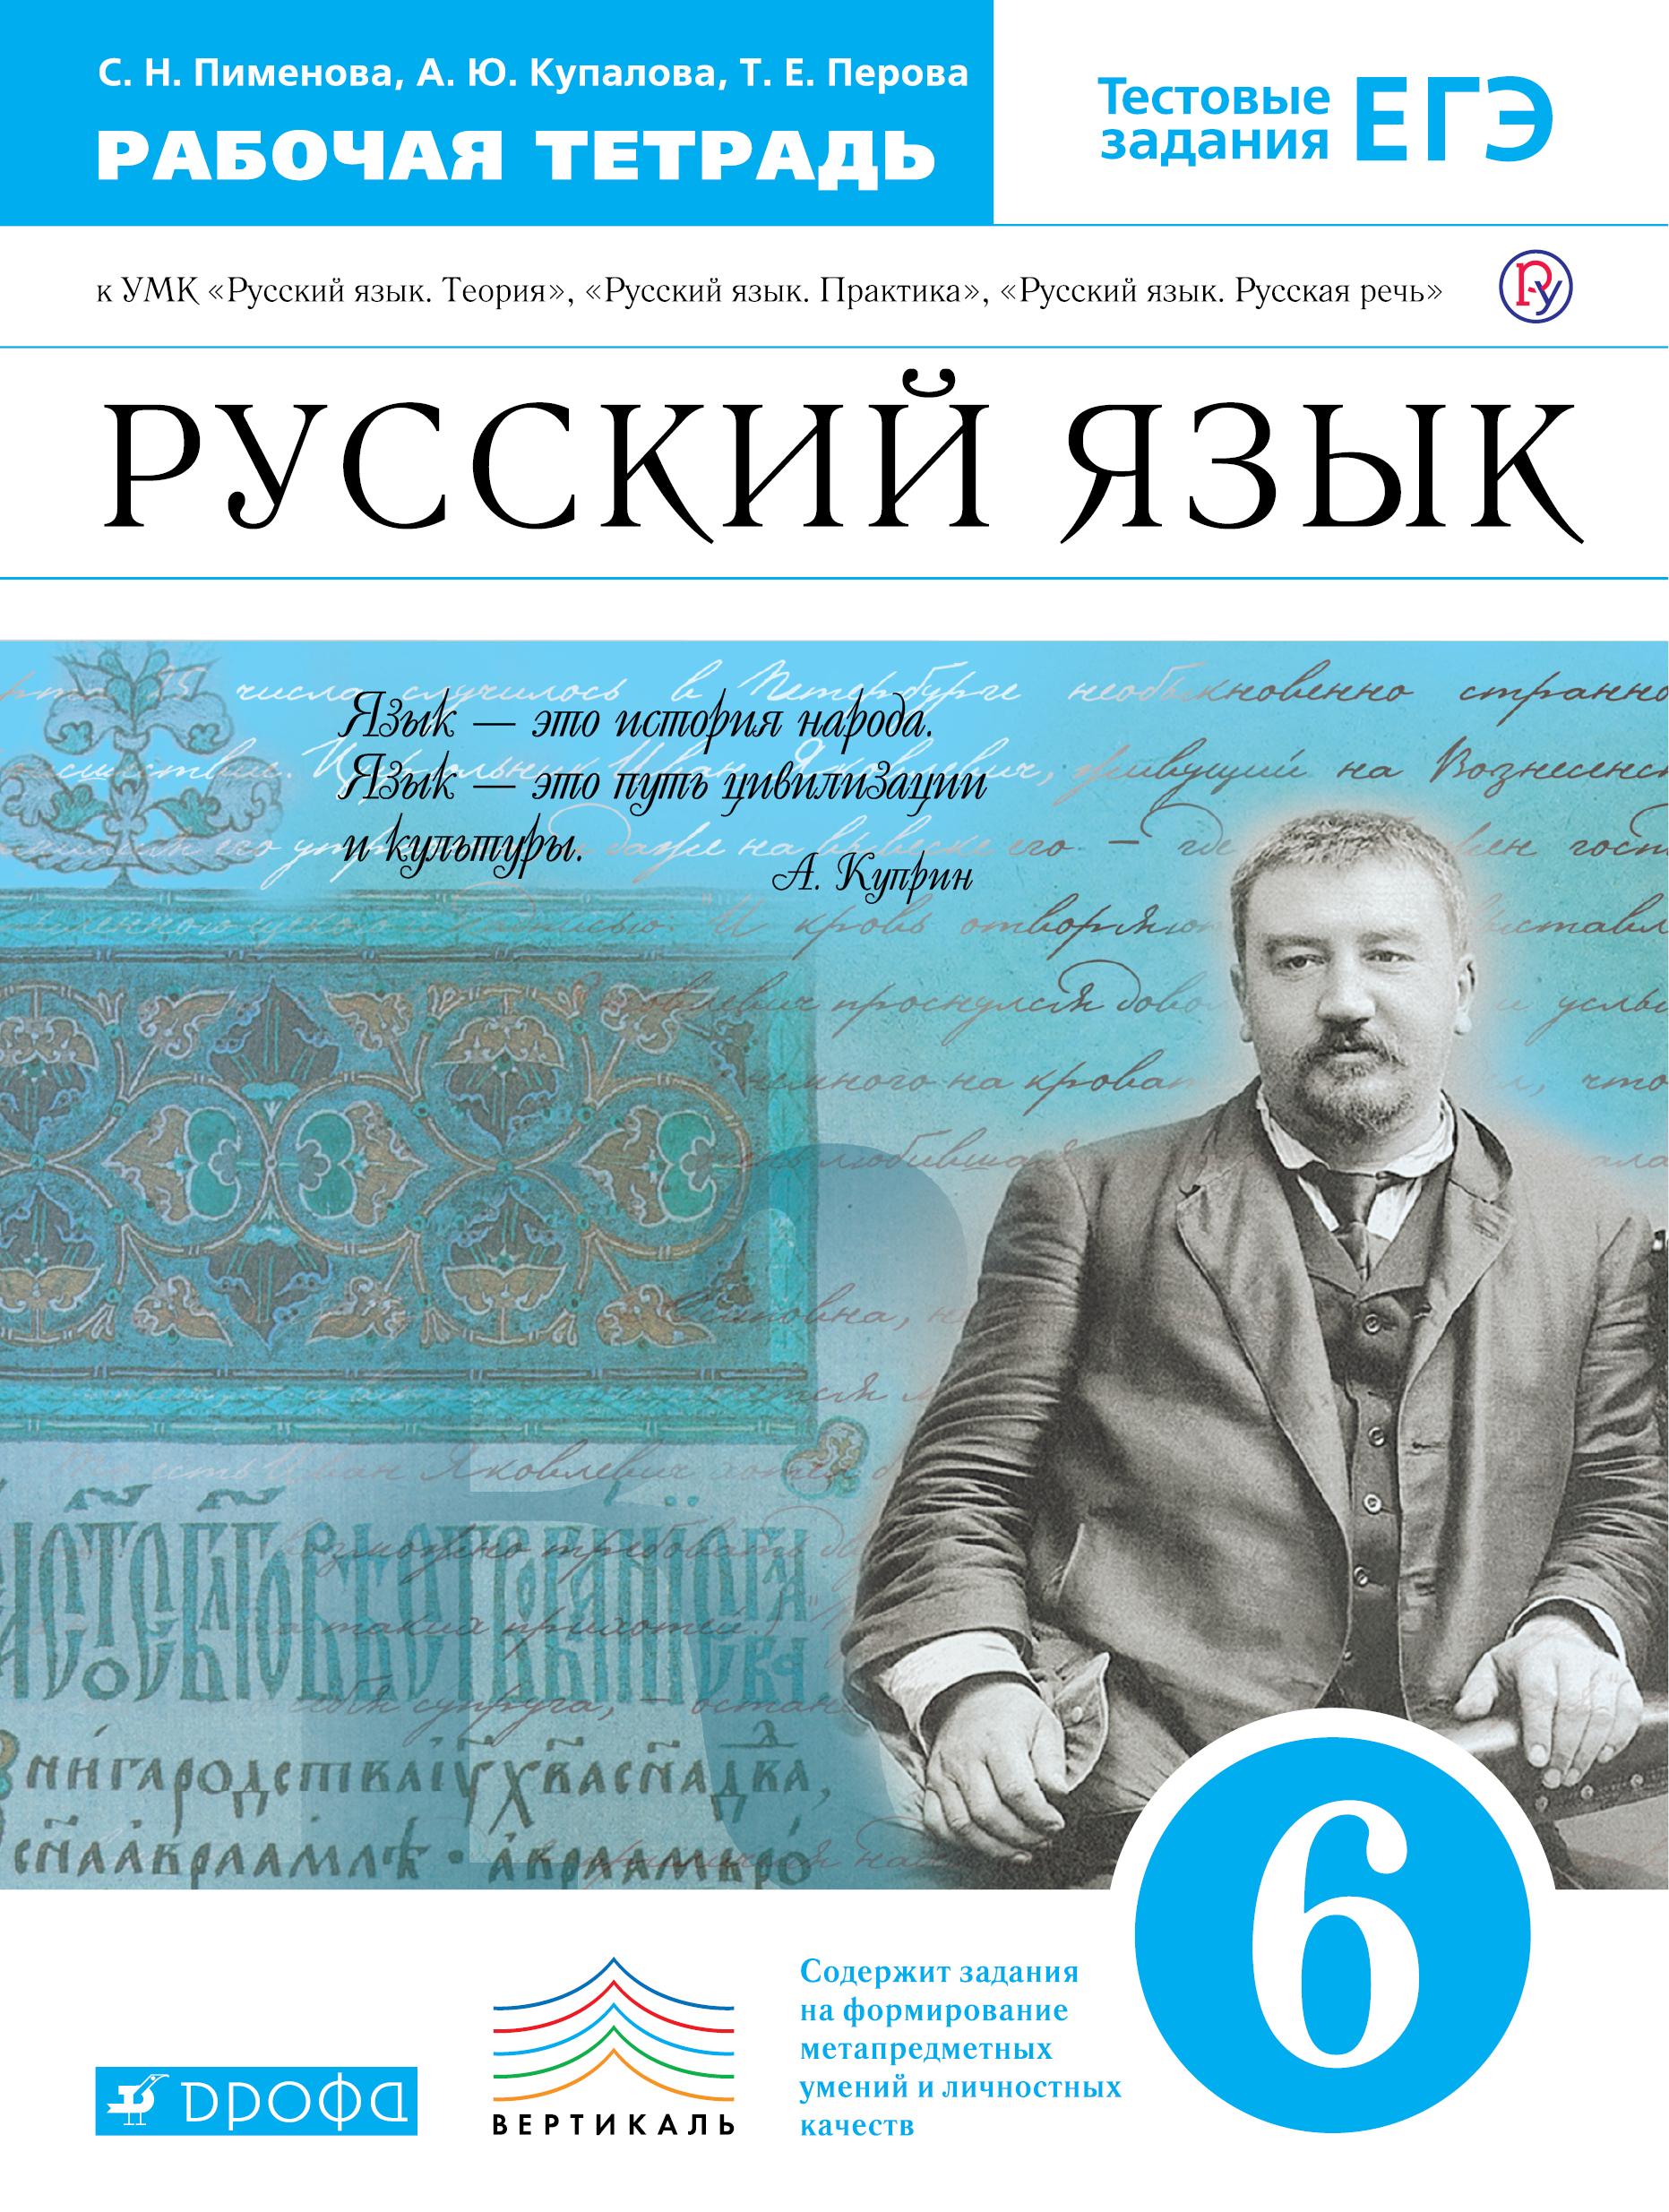 Гдз по русскому практика класс пичугова издательство дрофа скачать